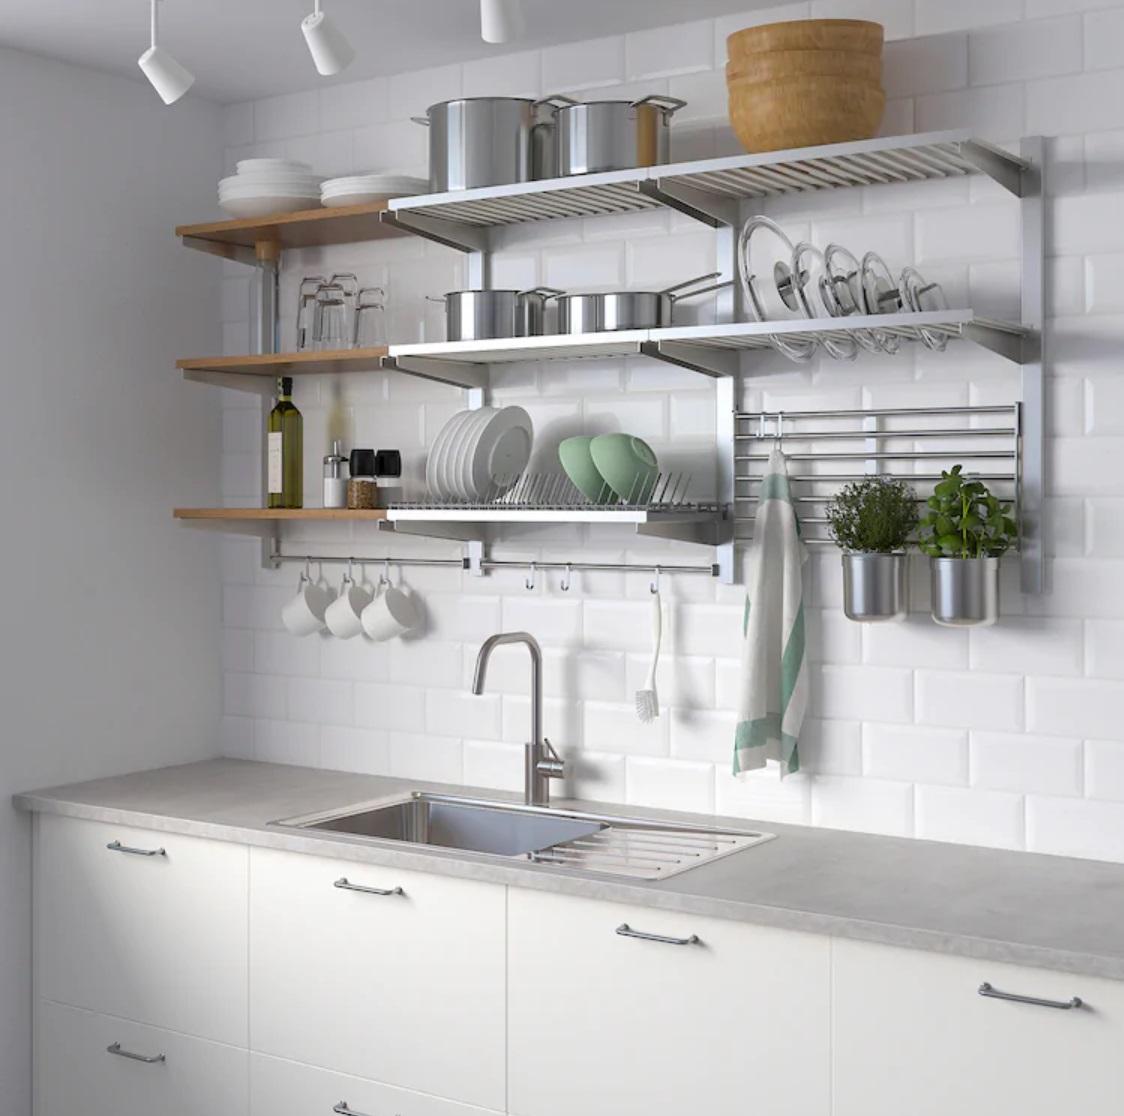 小さな家で大活躍のIKEAの家具5選!